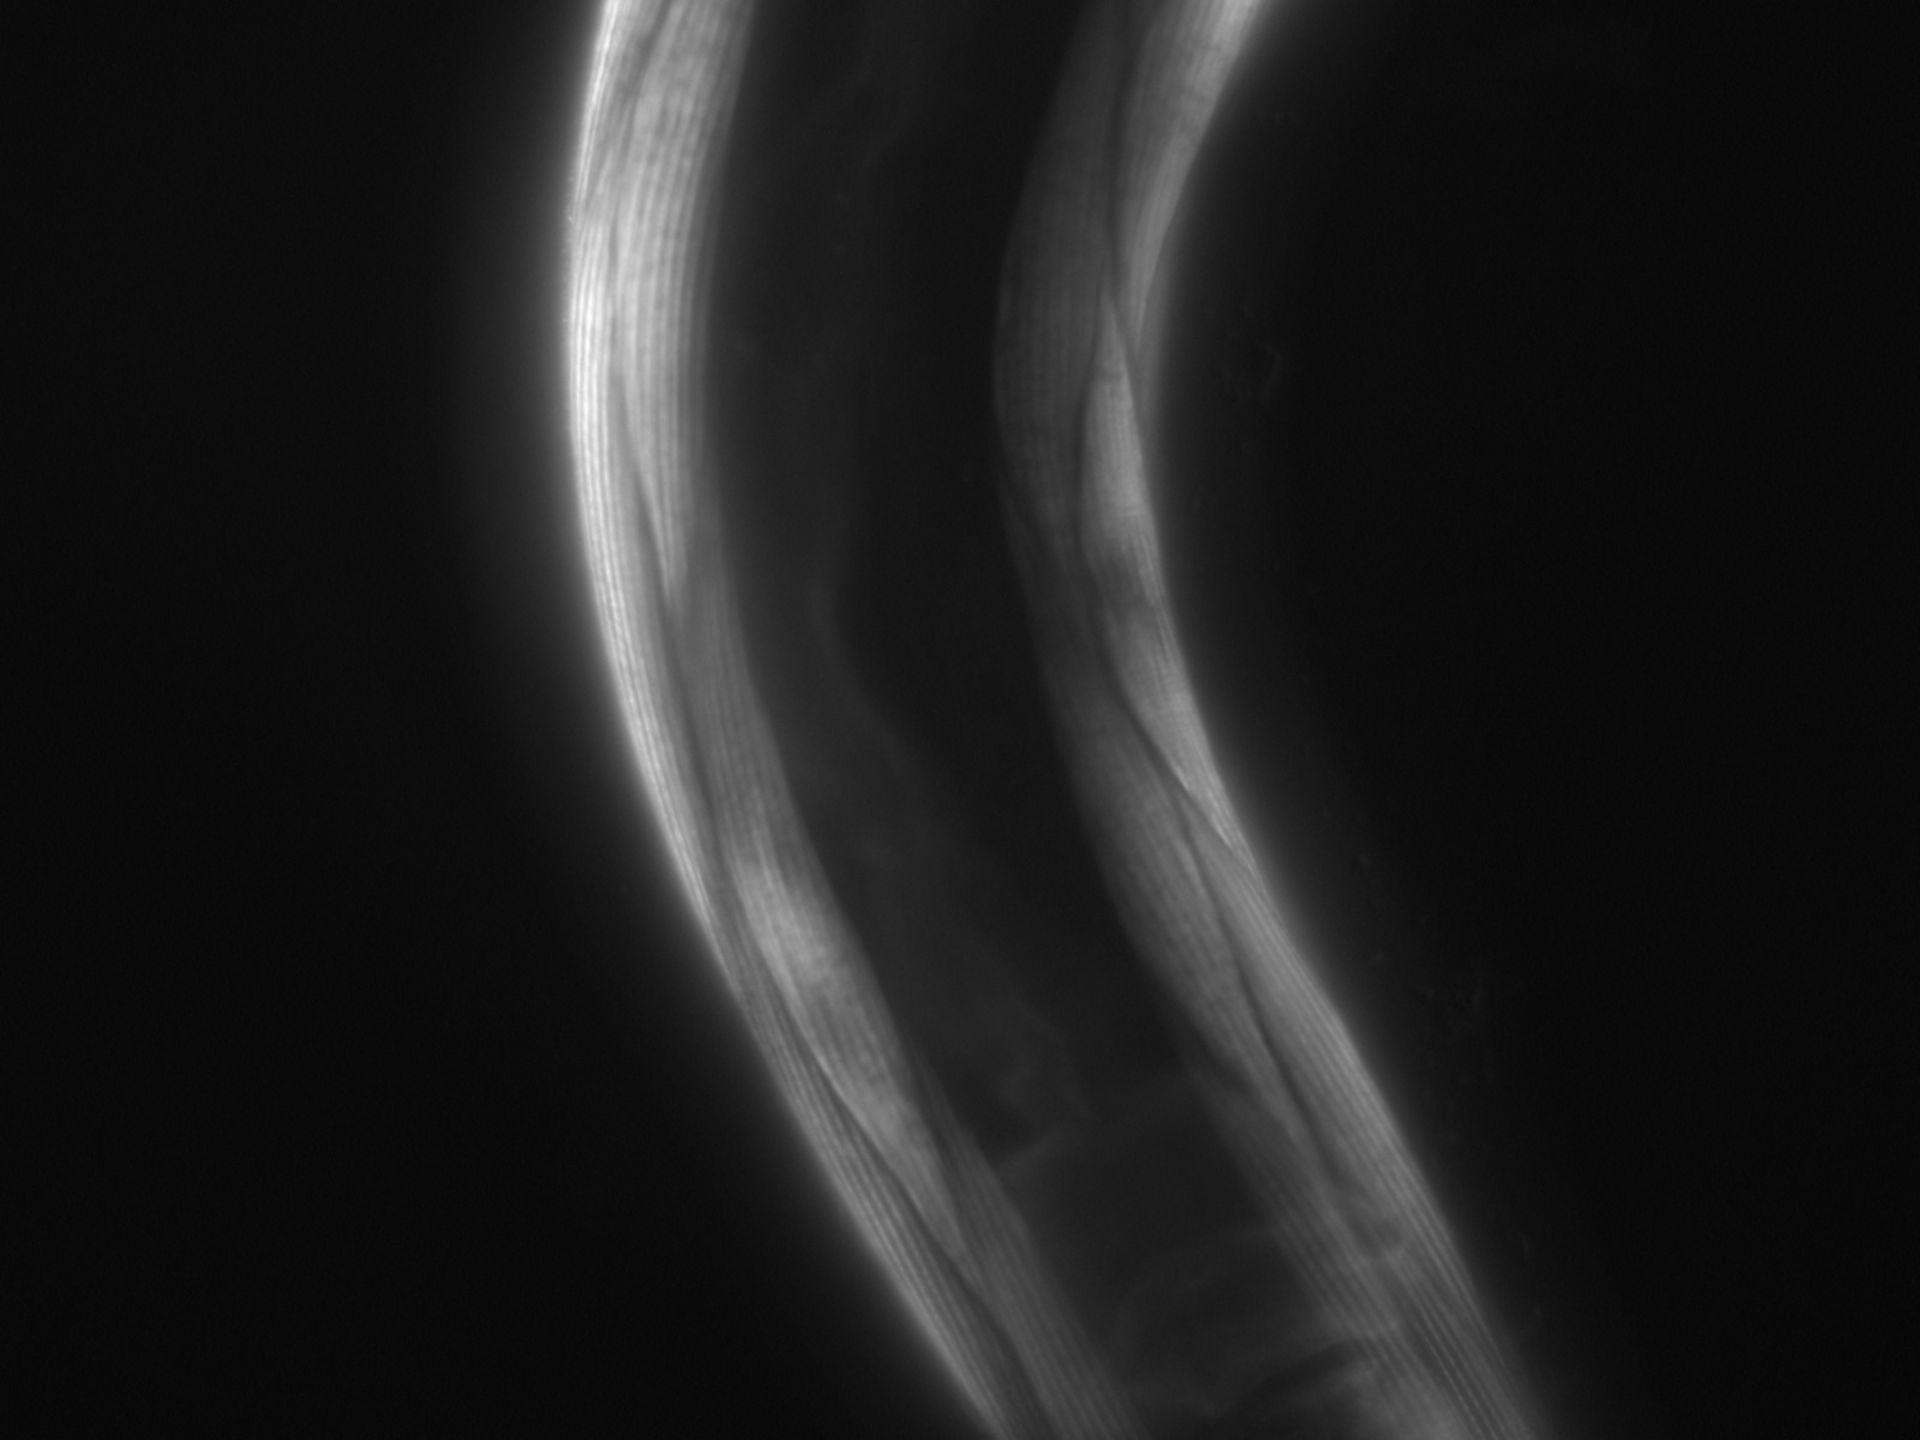 Caenorhabditis elegans (filamento di actina) - CIL:1069